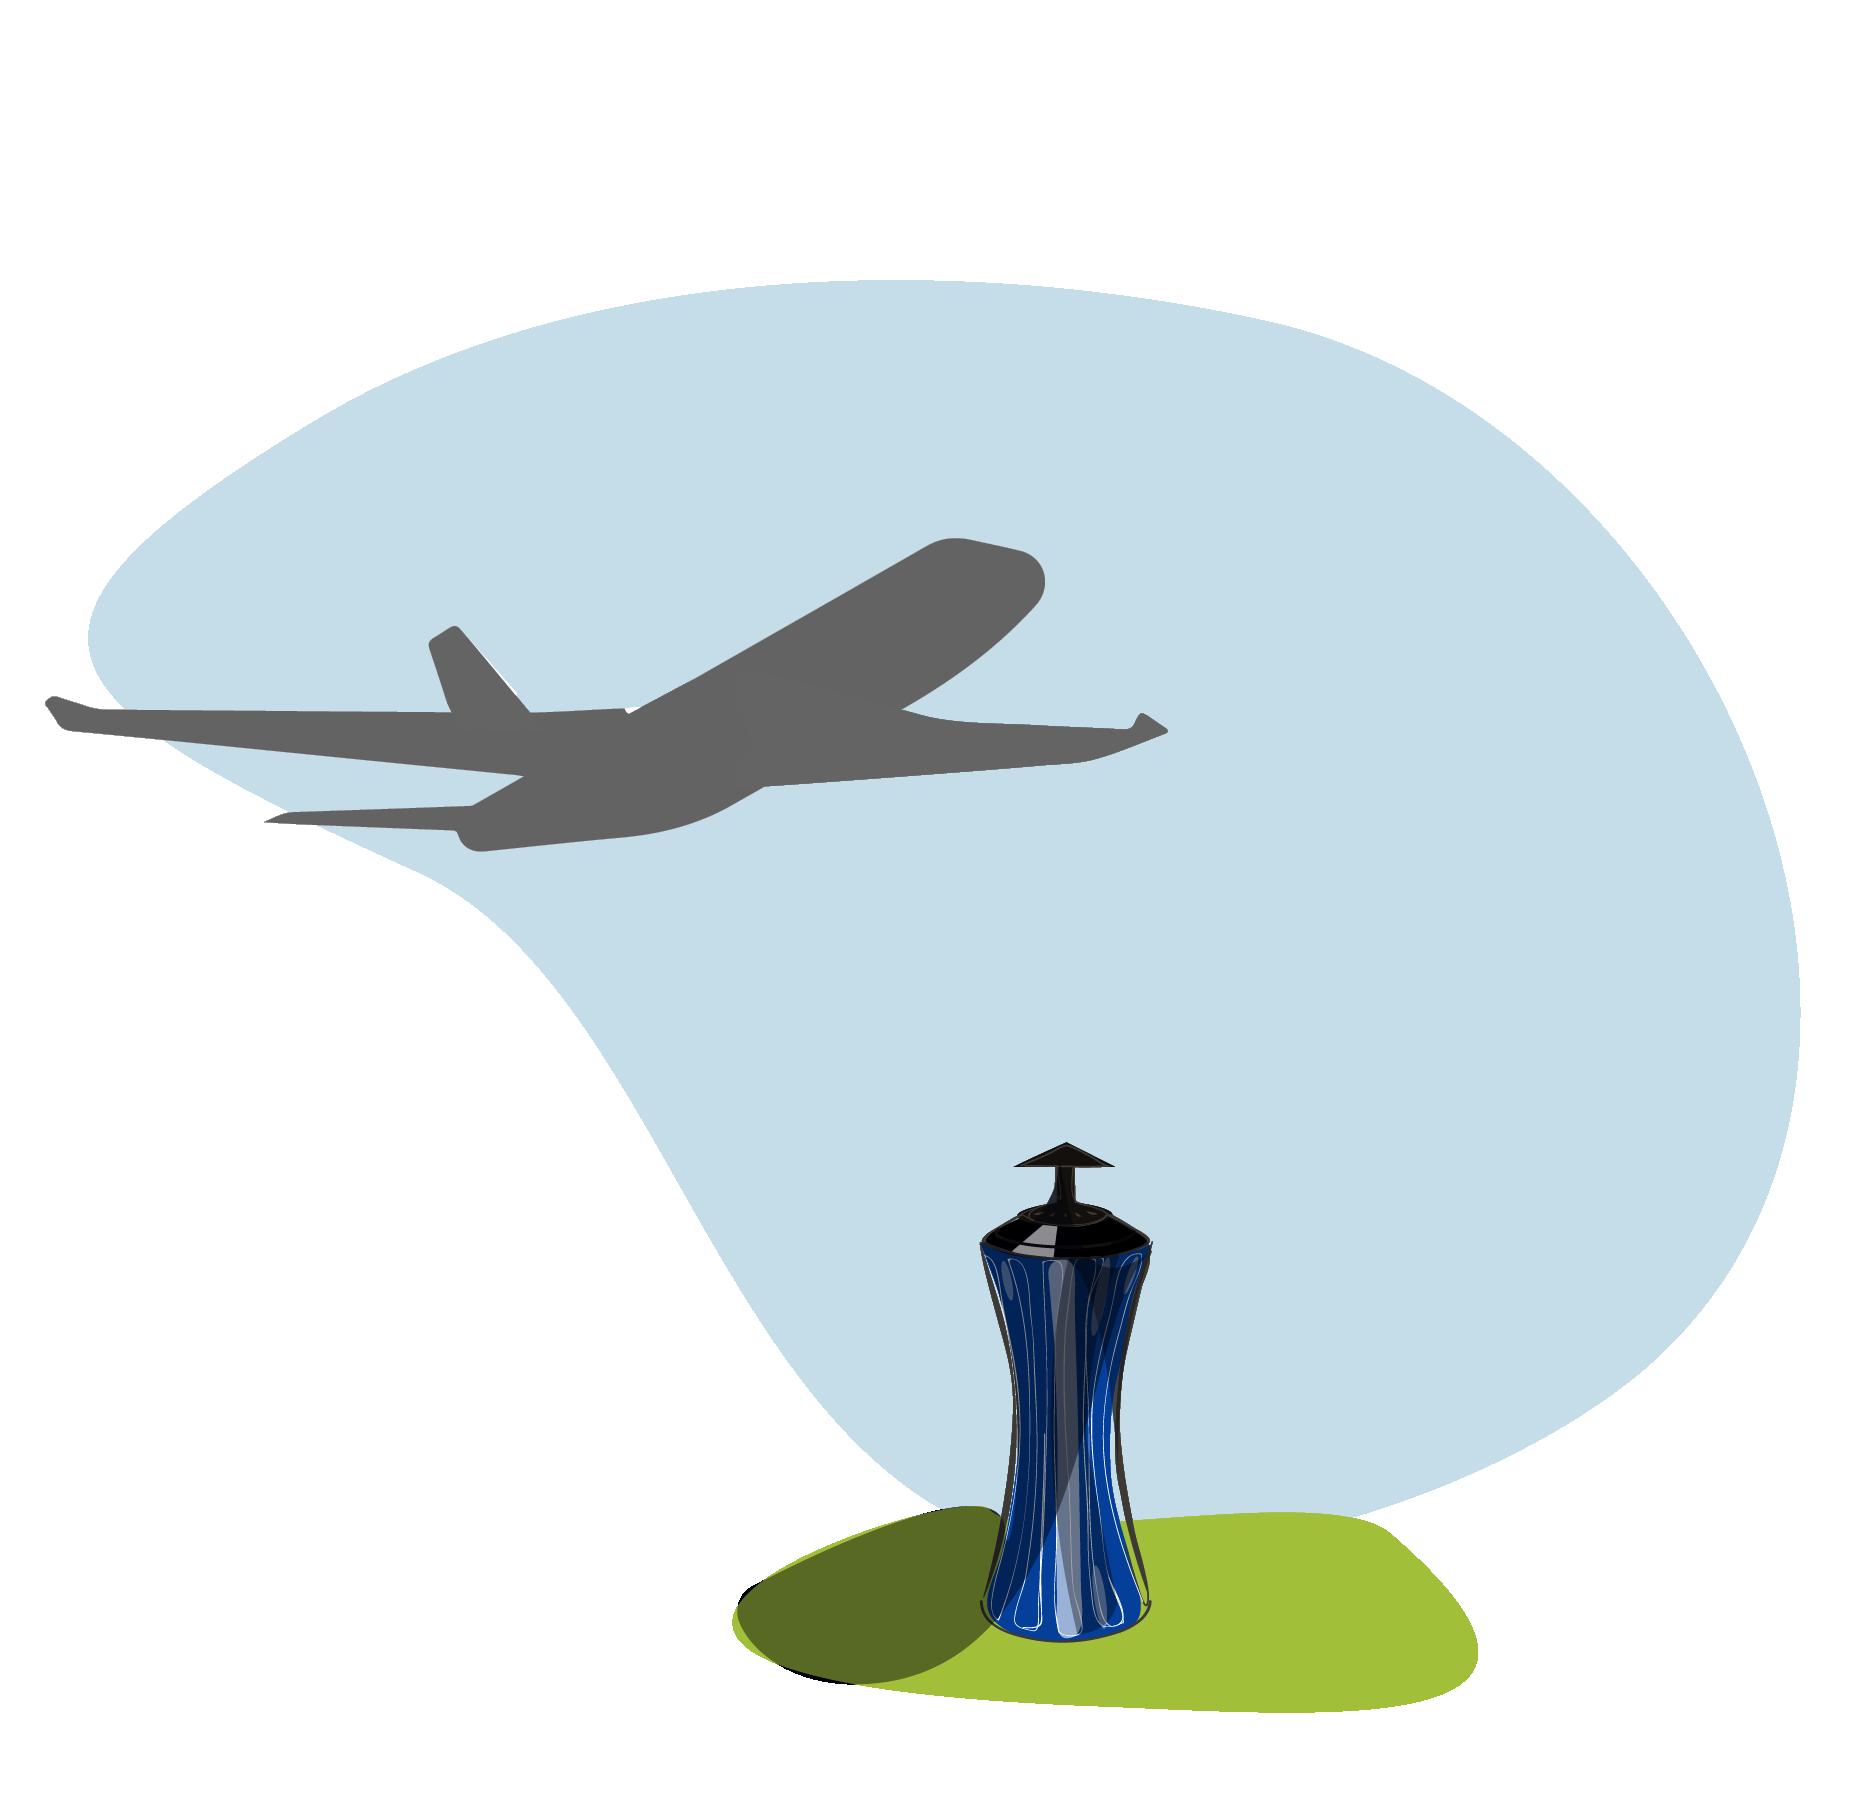 Cendrier aéroport